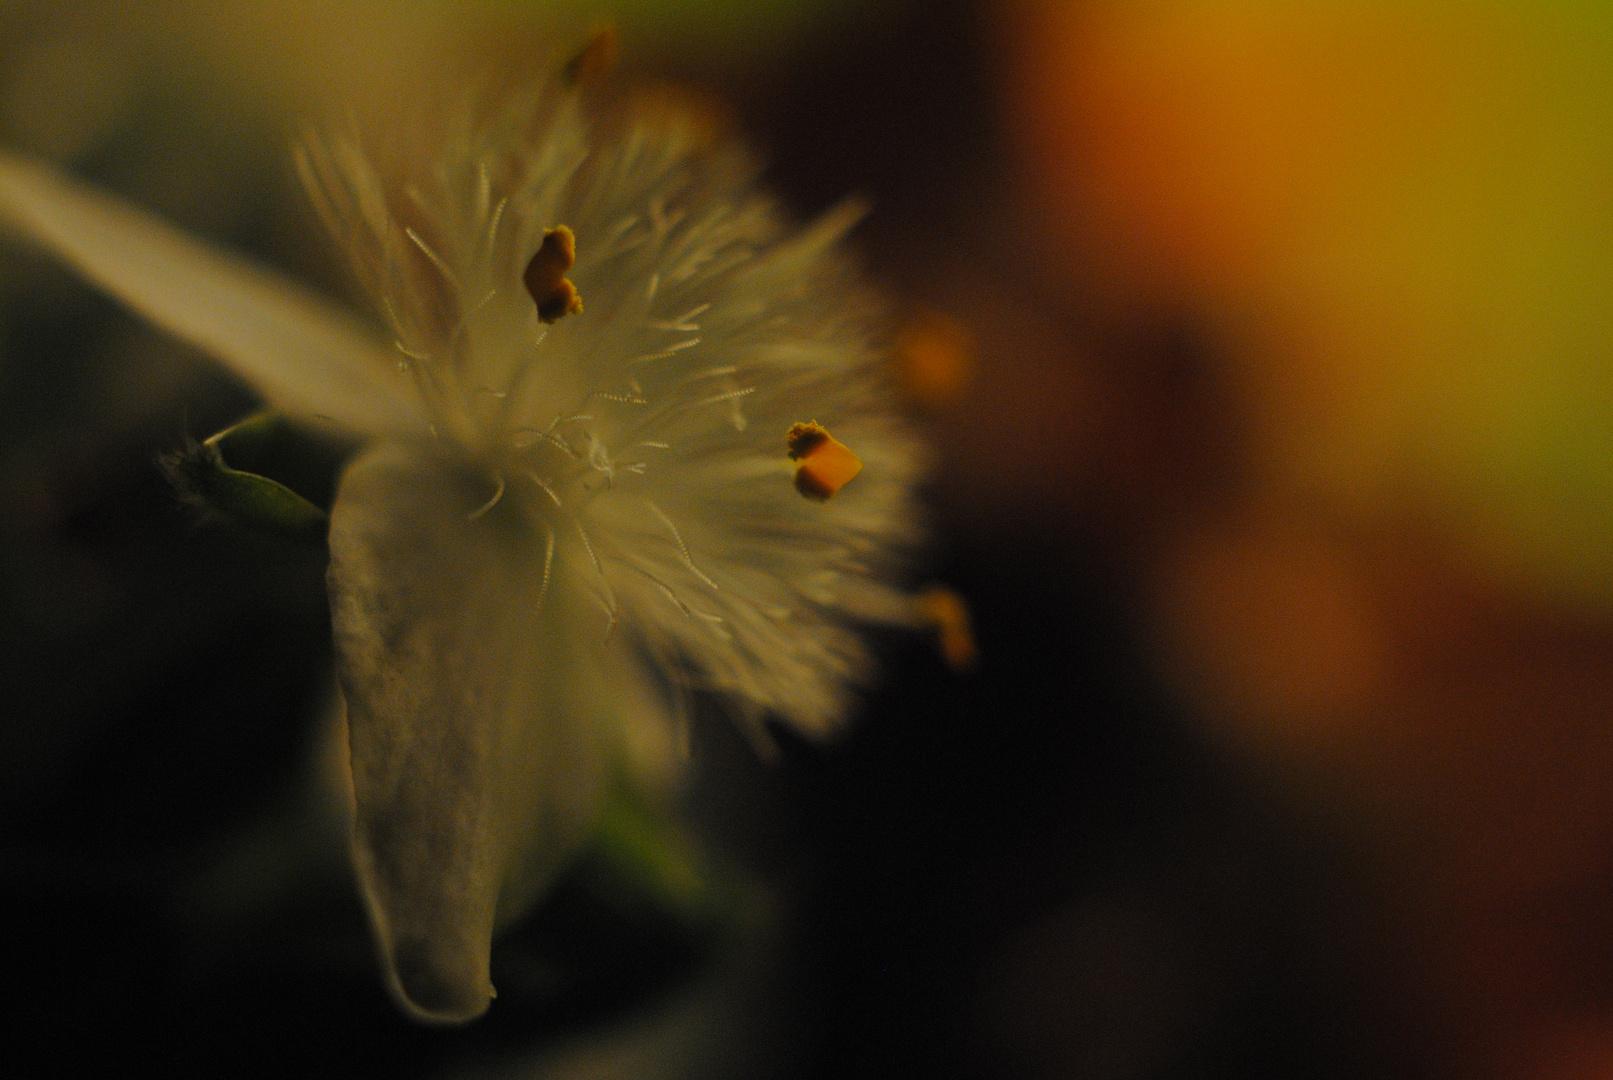 florida noche